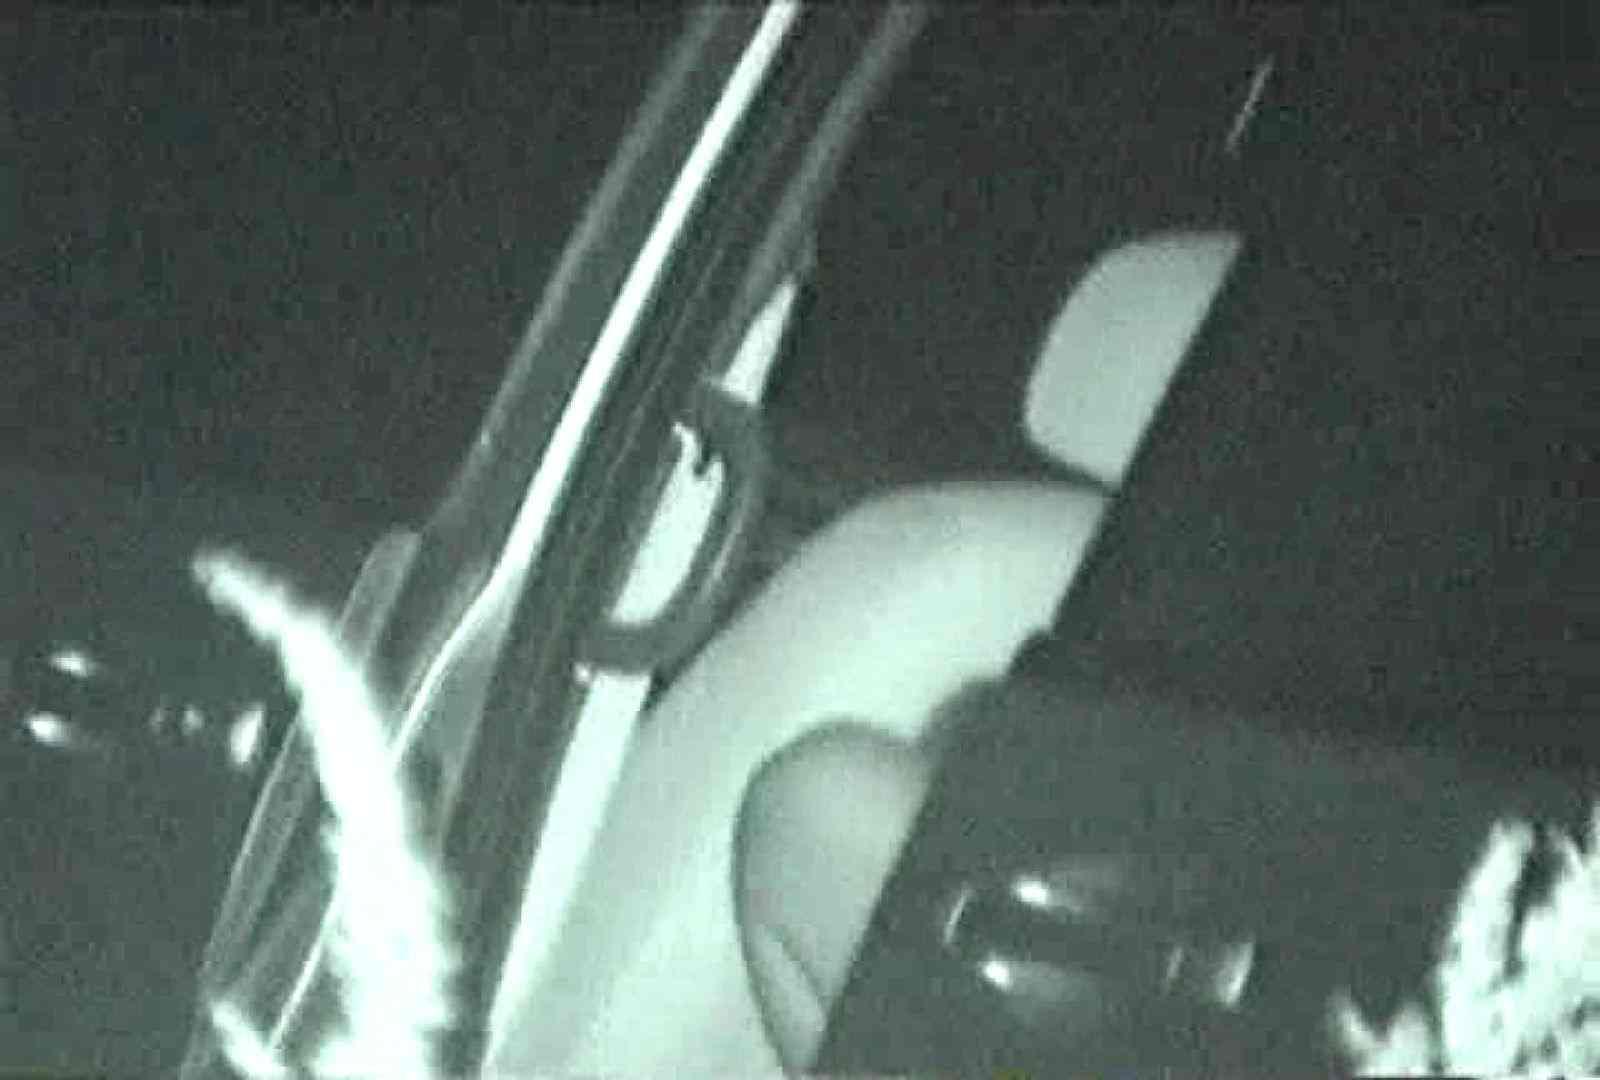 充血監督の深夜の運動会Vol.87 マンコ・ムレムレ | 美しいOLの裸体  83pic 17